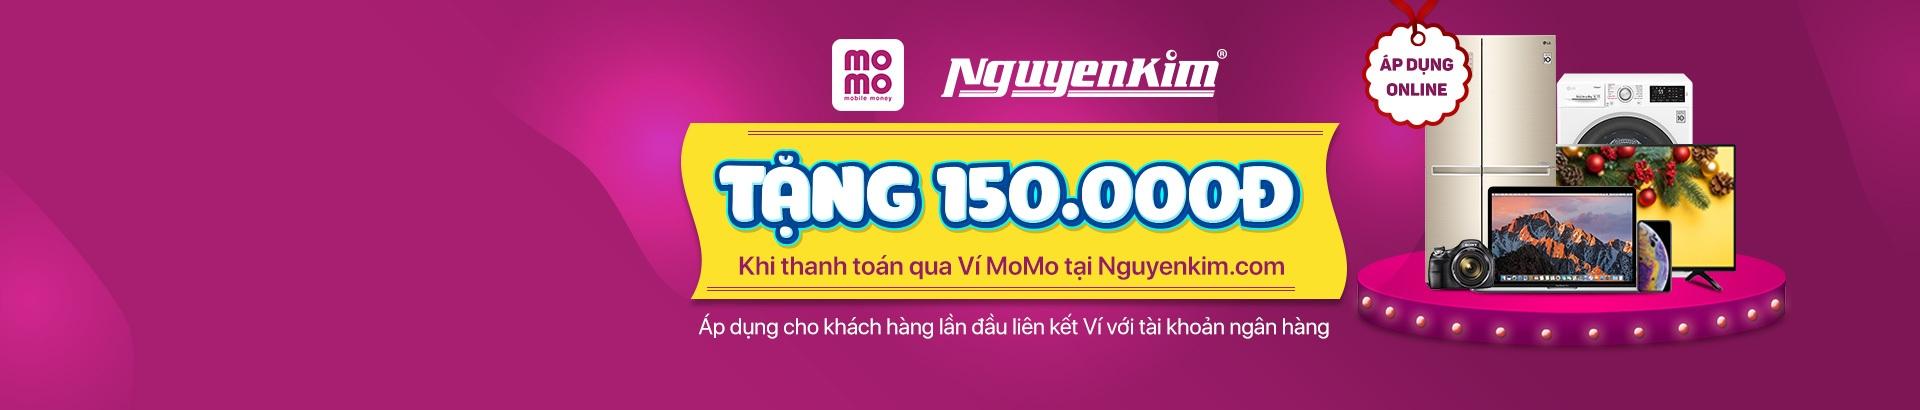 Tặng ngay 150K khi thanh toán qua Ví Momo